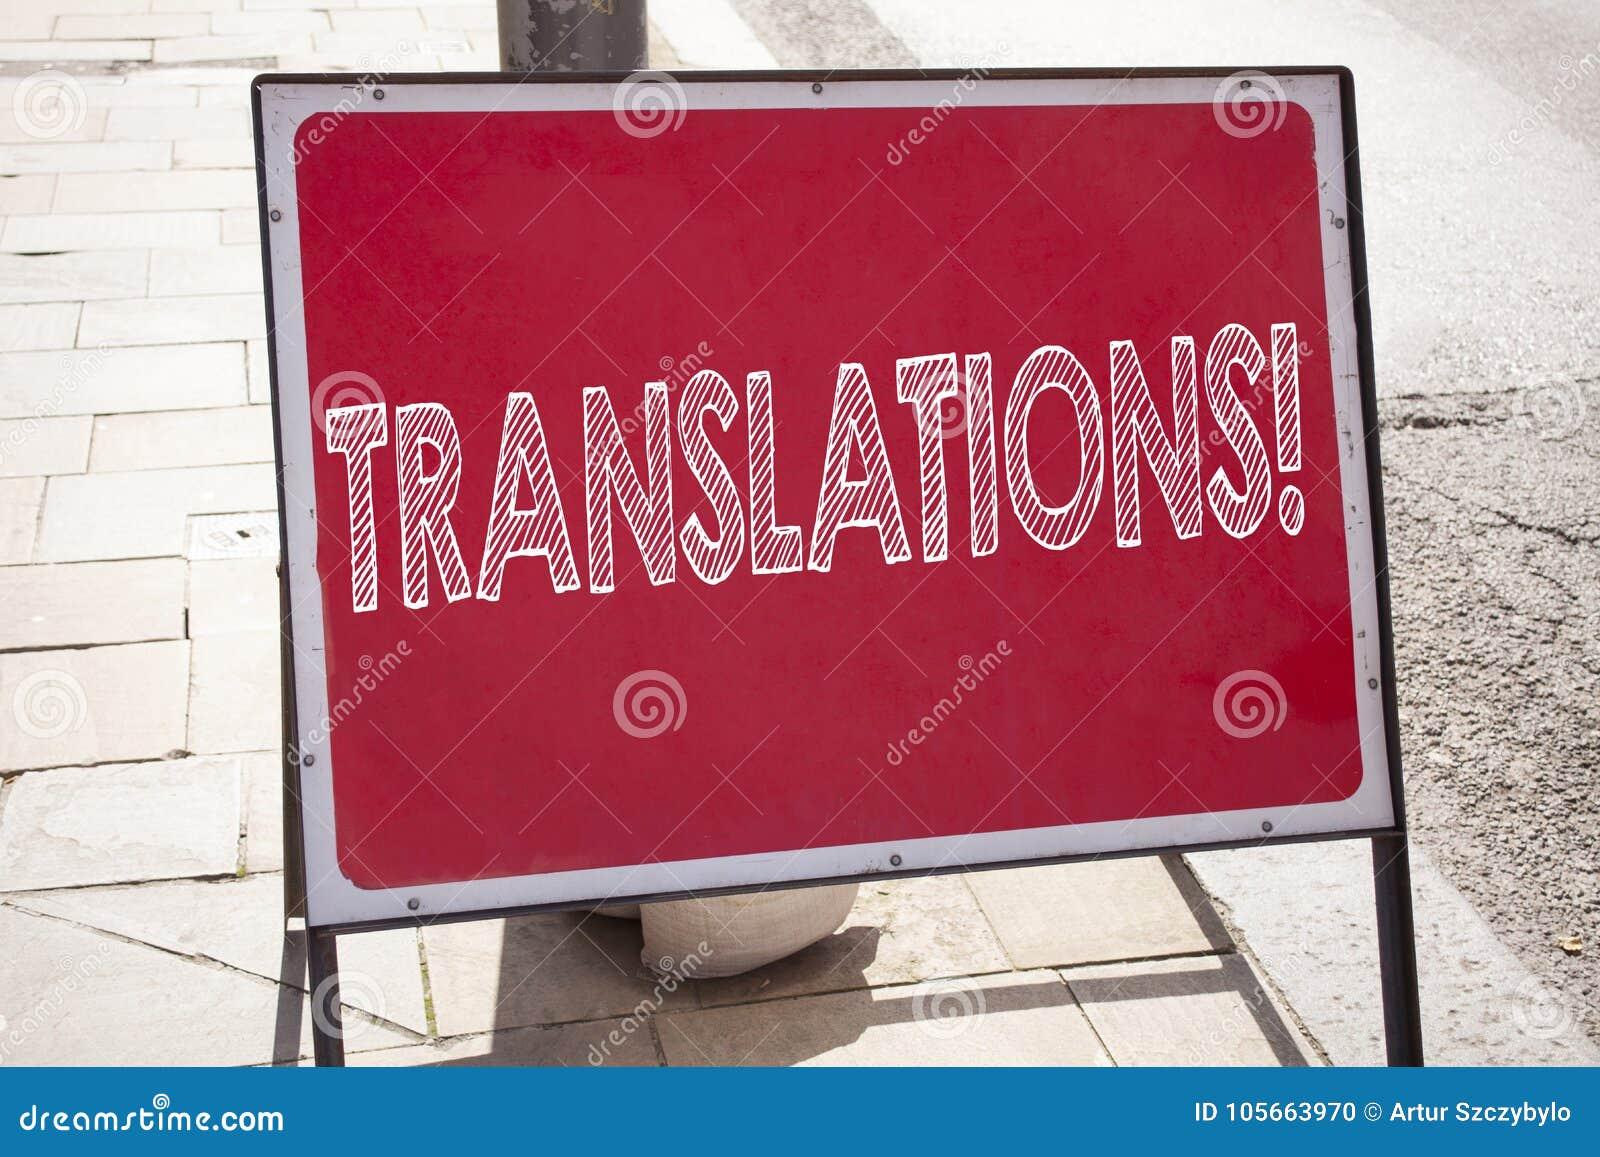 Εννοιολογική έμπνευση τίτλων κειμένων γραψίματος χεριών που παρουσιάζει μεταφράσεις Η επιχειρησιακή έννοια για μεταφράζει εξηγεί